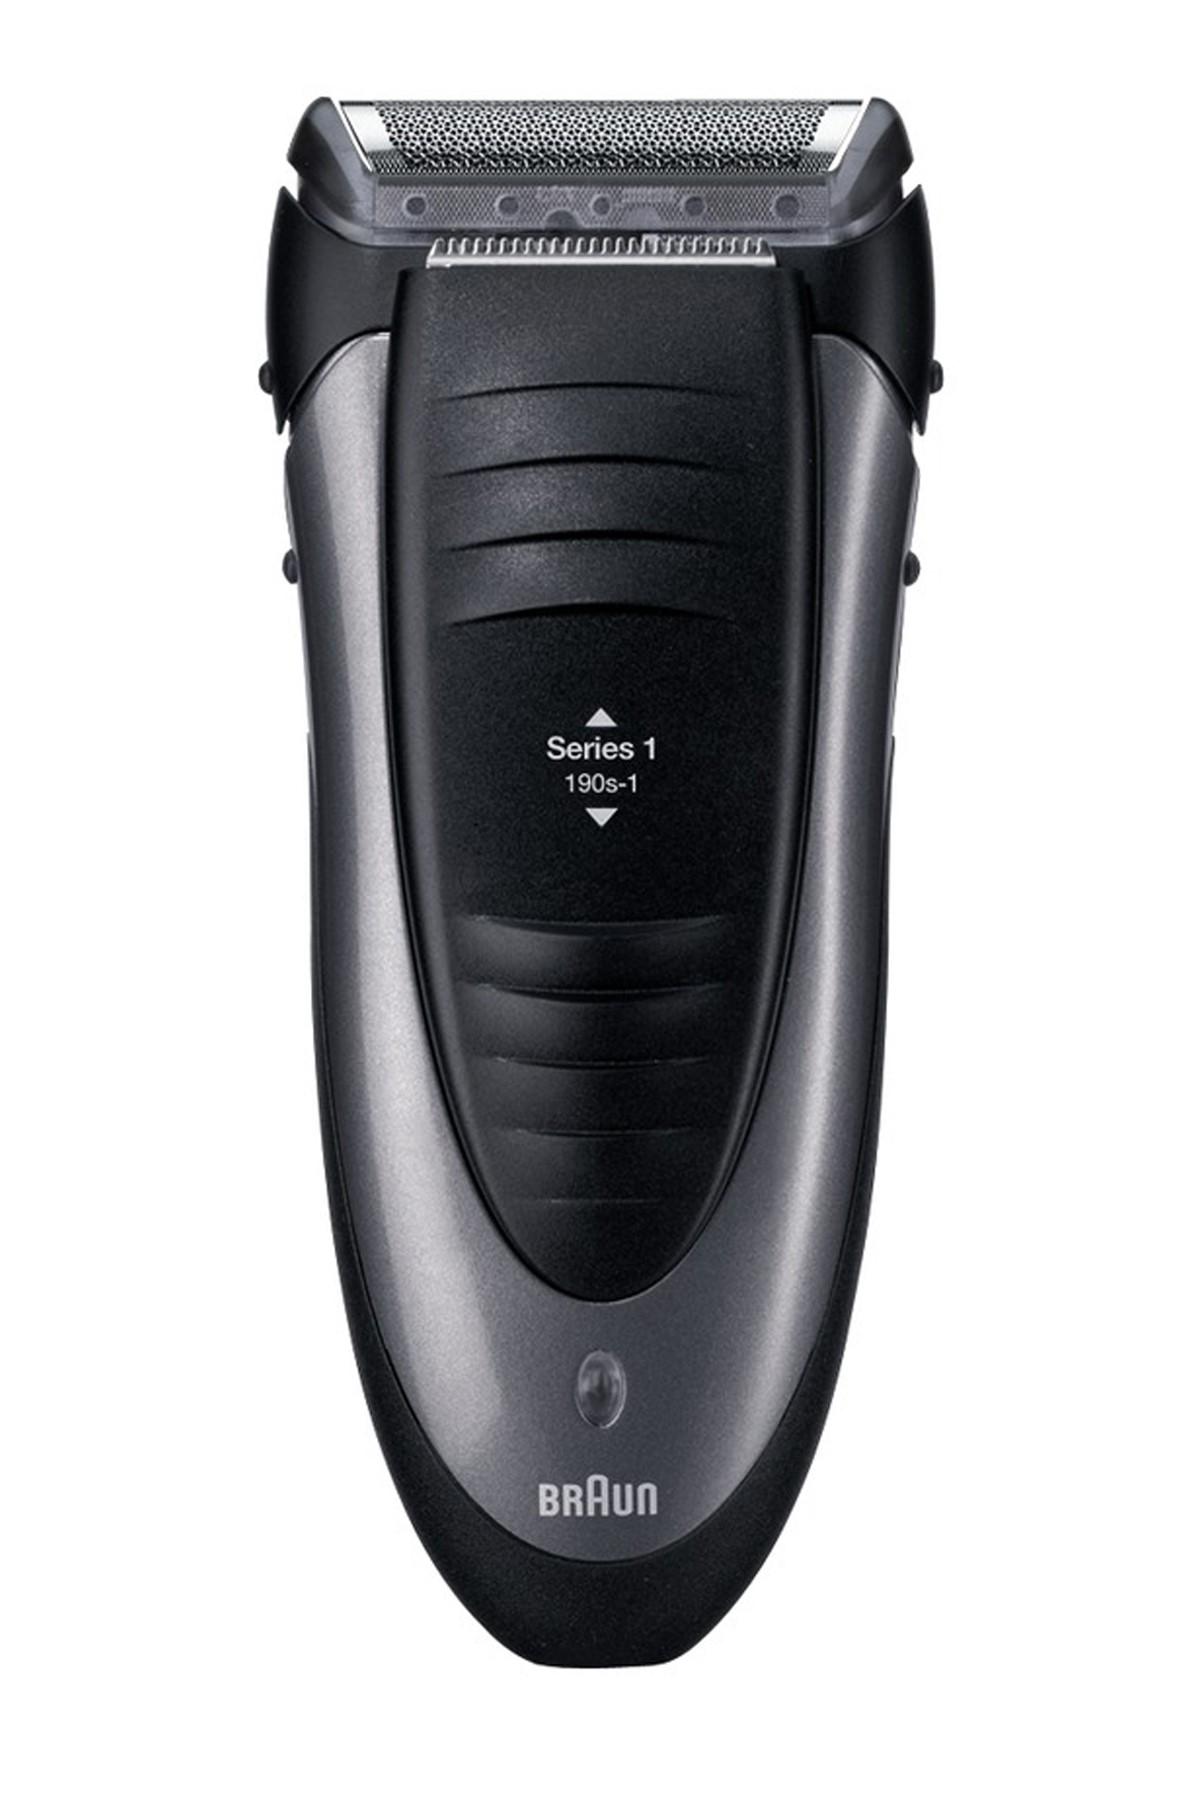 Braun 1 Serisi Tıraş Makinesi 190s 4210201037477 1